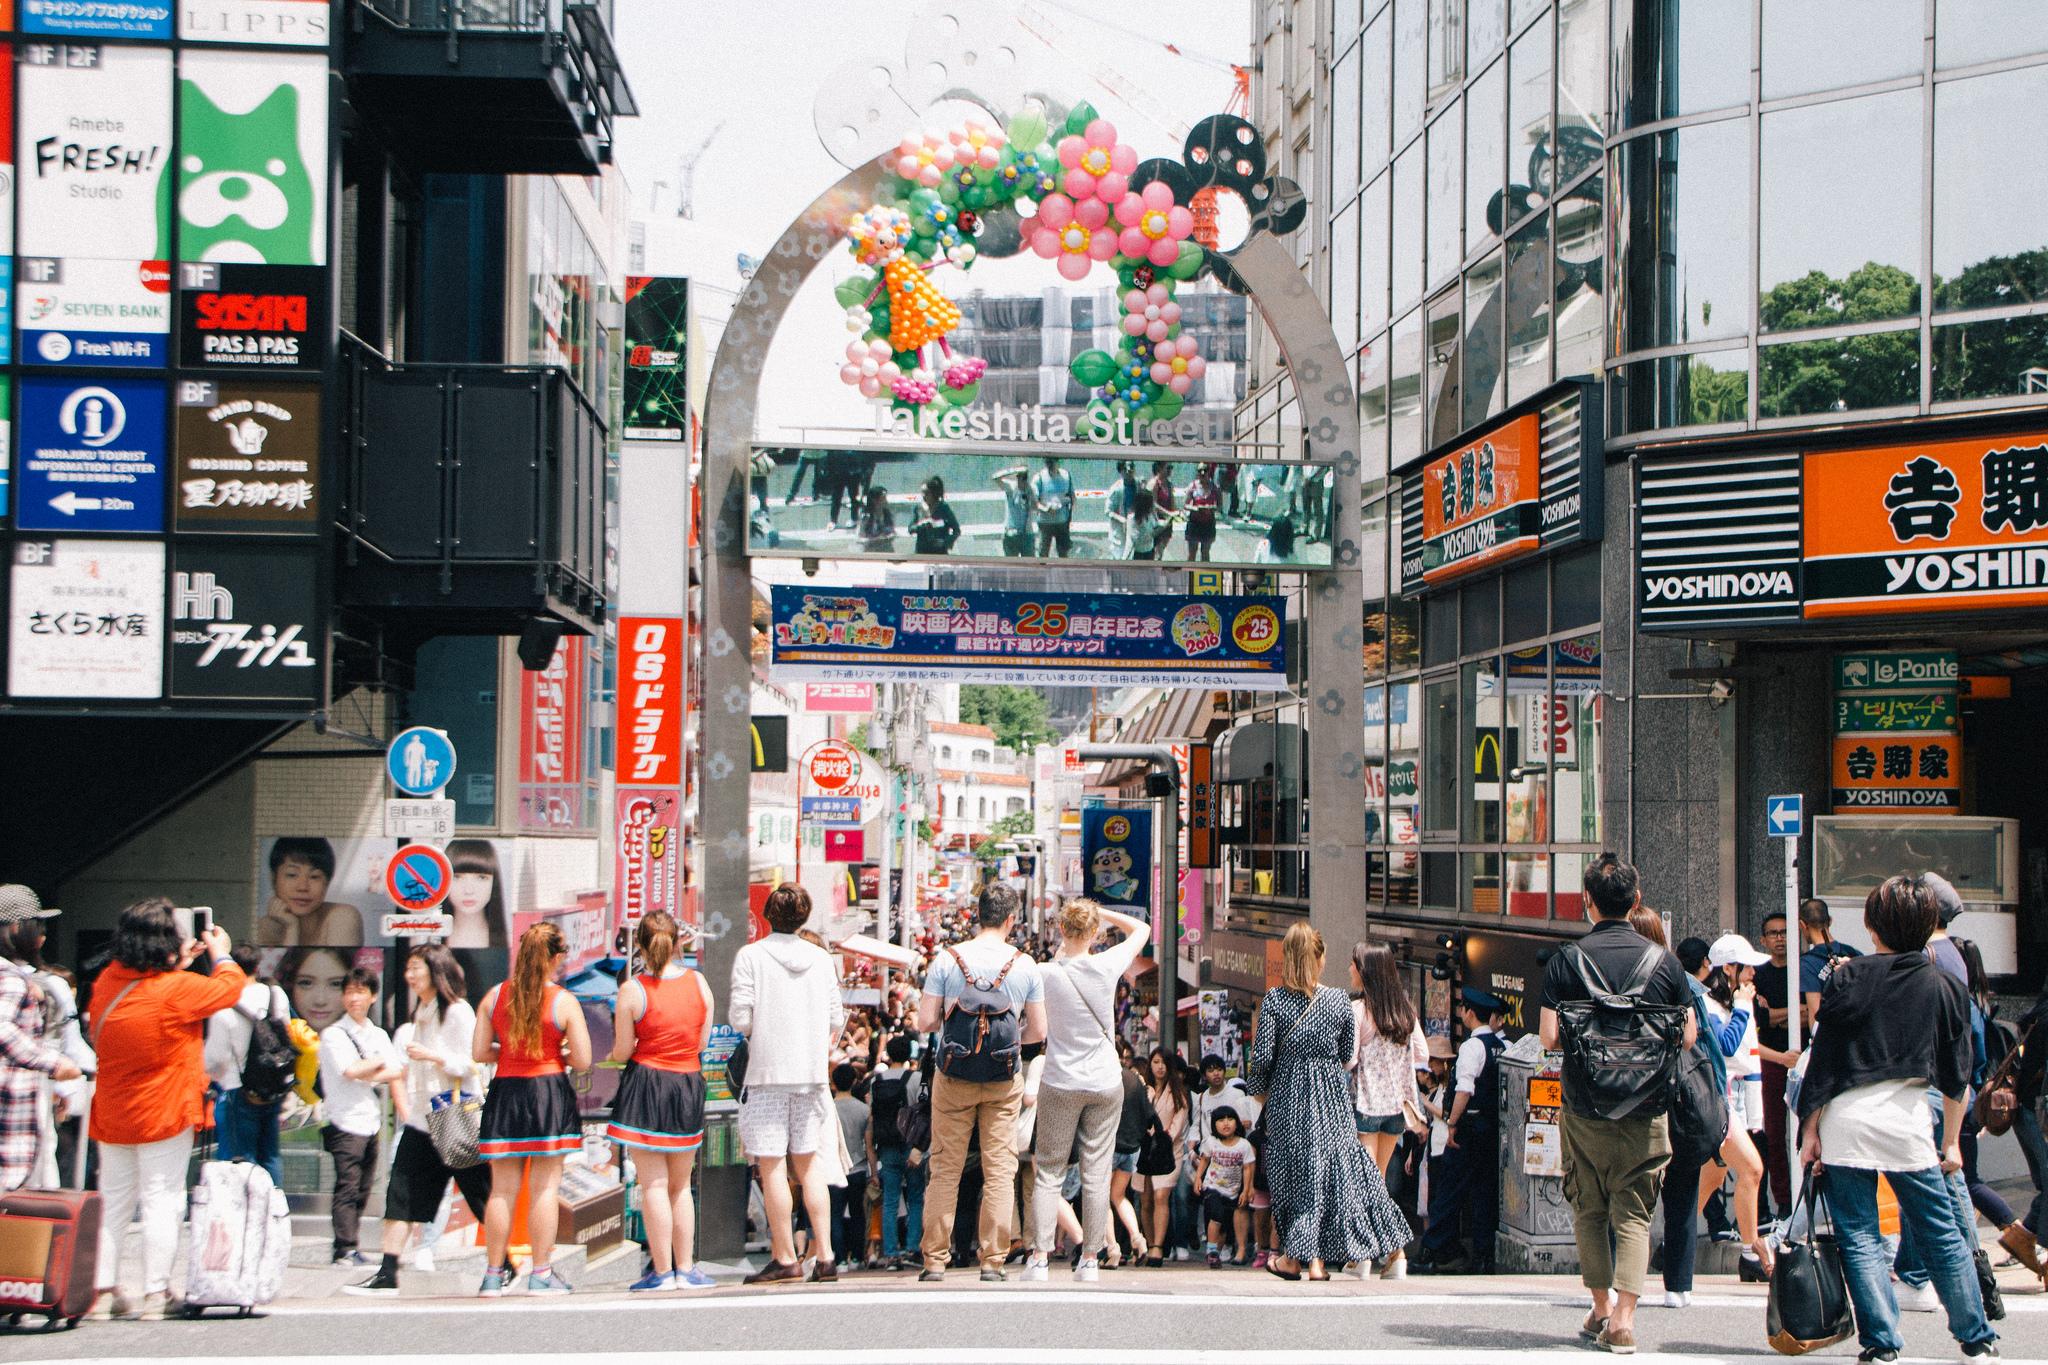 Takeshita-Street.jpg